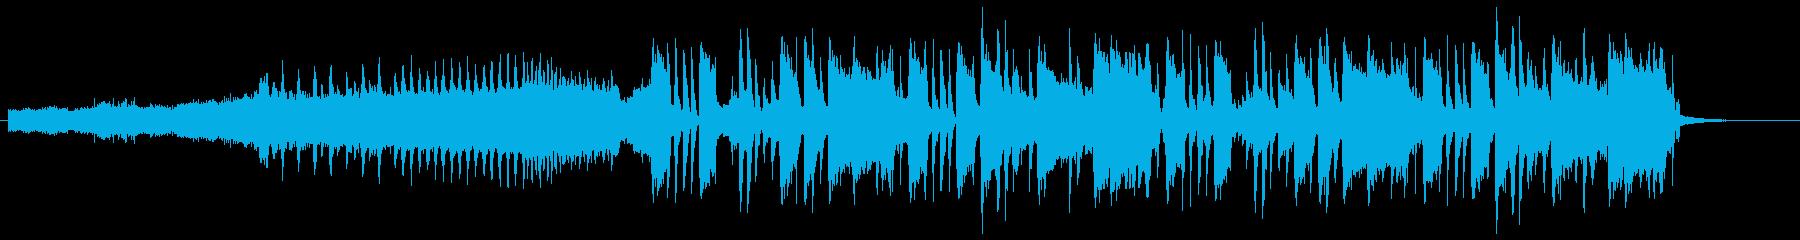 グルーヴに統一感のある変則ビートの再生済みの波形